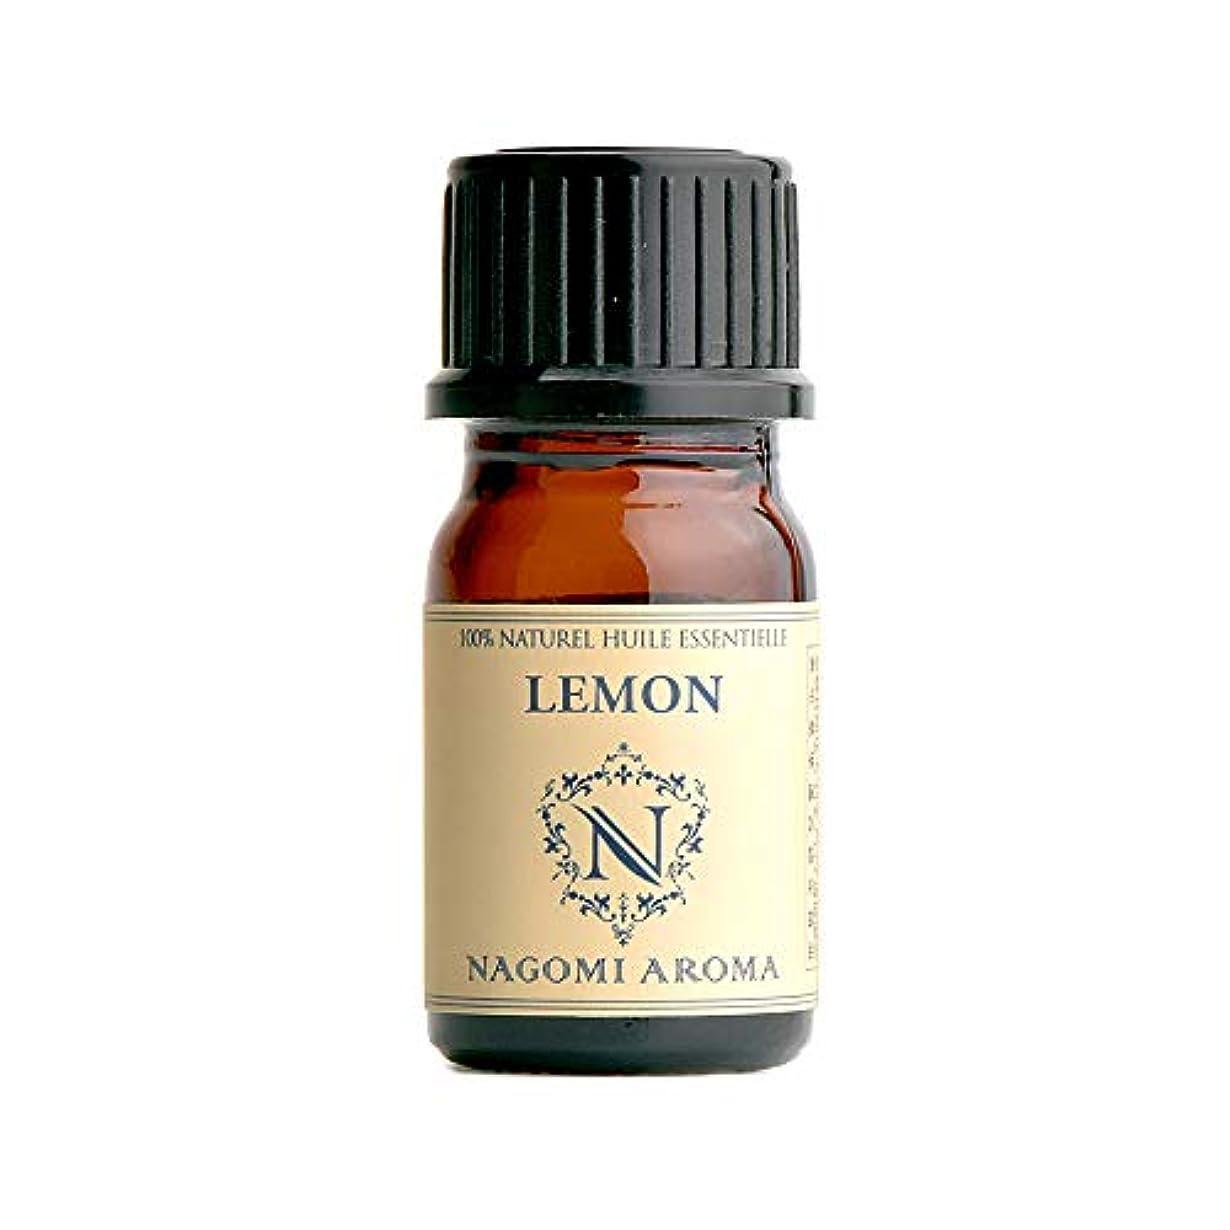 赤道炭水化物不屈【AEAJ認定表示基準認定精油】NAGOMI PURE レモン 5ml 【エッセンシャルオイル】【精油】【アロマオイル】